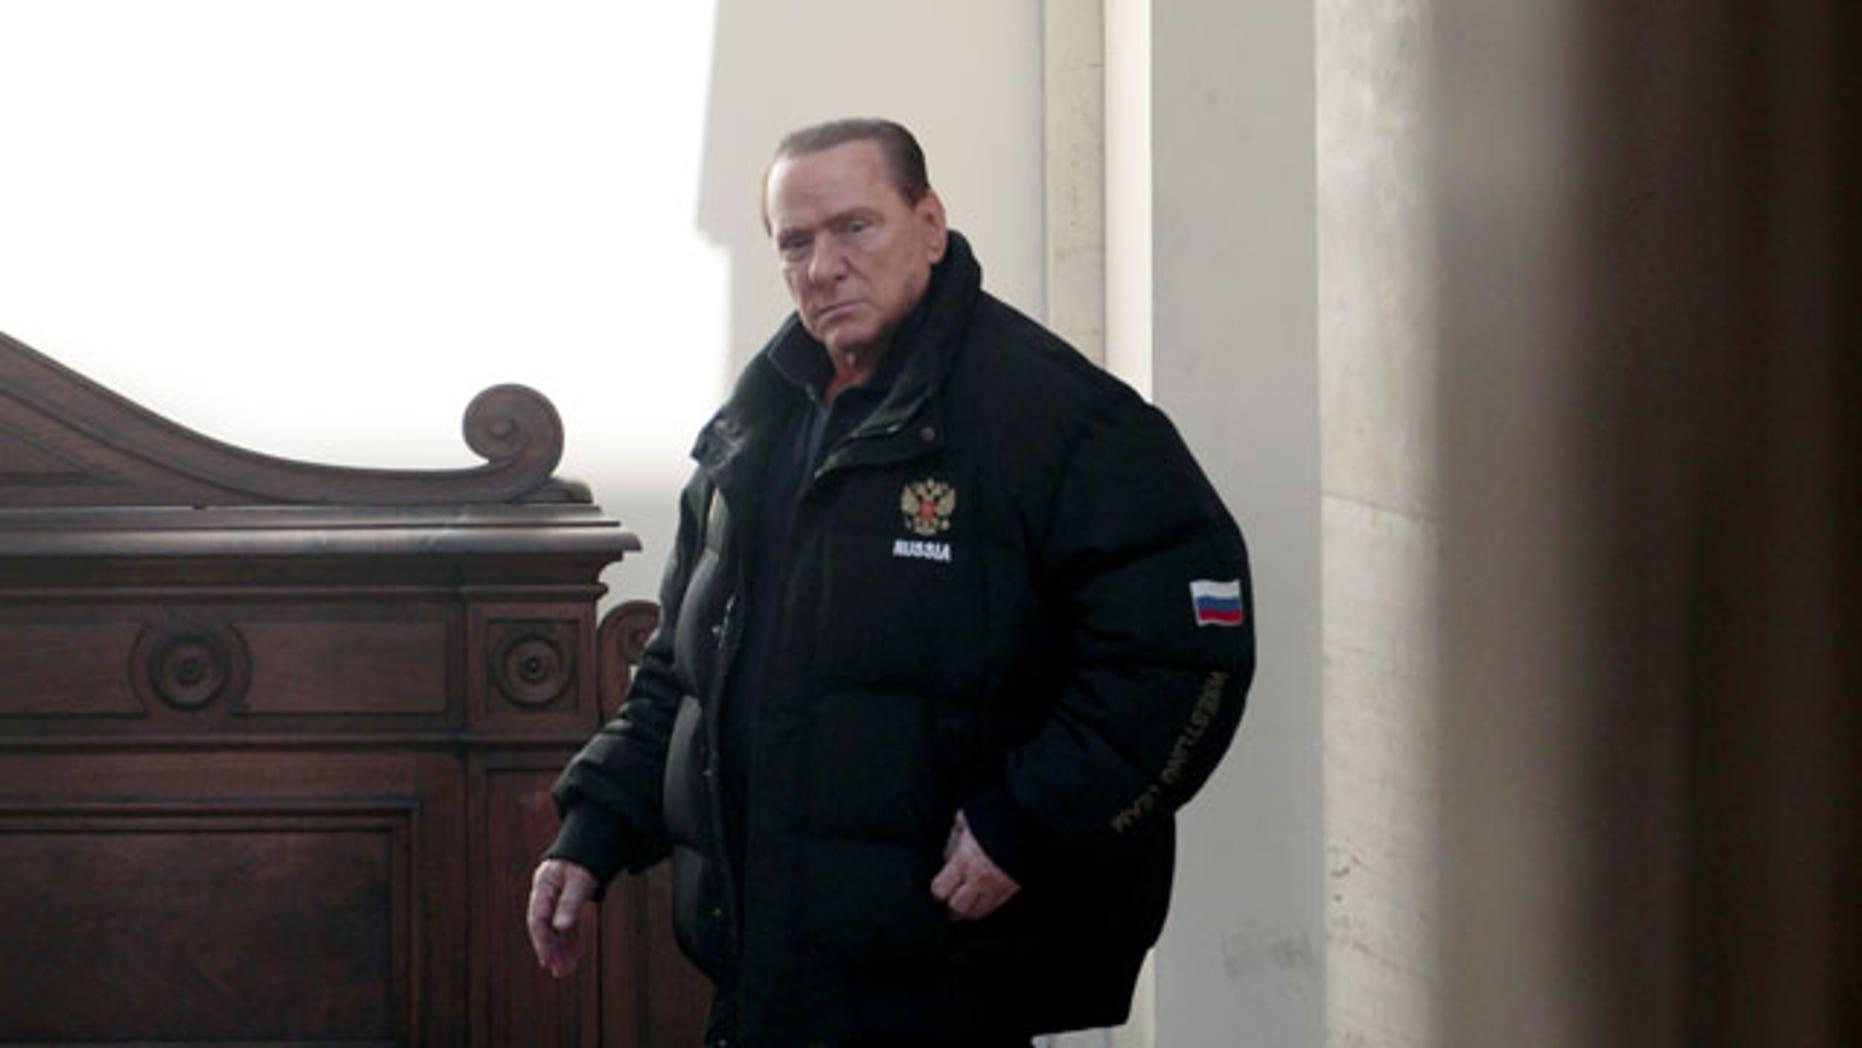 Feb. 25, 2012: Former Italian premier Silvio Berlusconi leaves his residence Palazzo Grazioli in Rome.